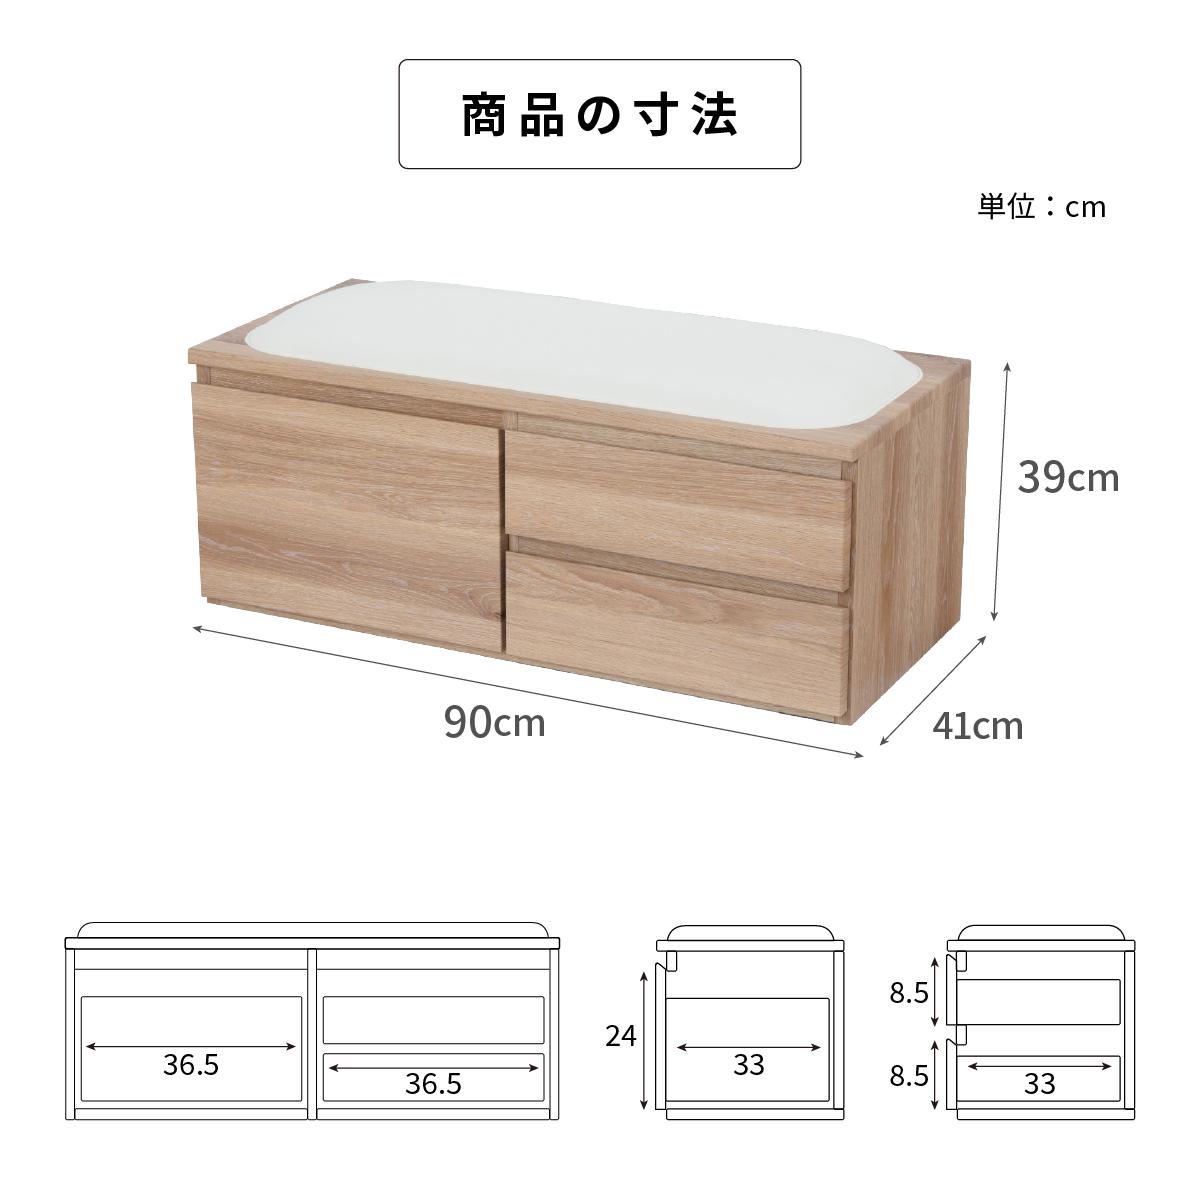 横幅90cm×奥行39cm×高さ40cm ベンチチェスト 収納ボックス 引き出し 完成品 2色(オーク調/ウォールナット調) 木製 収納 リビング 引き出し ベンチ【送料無料】